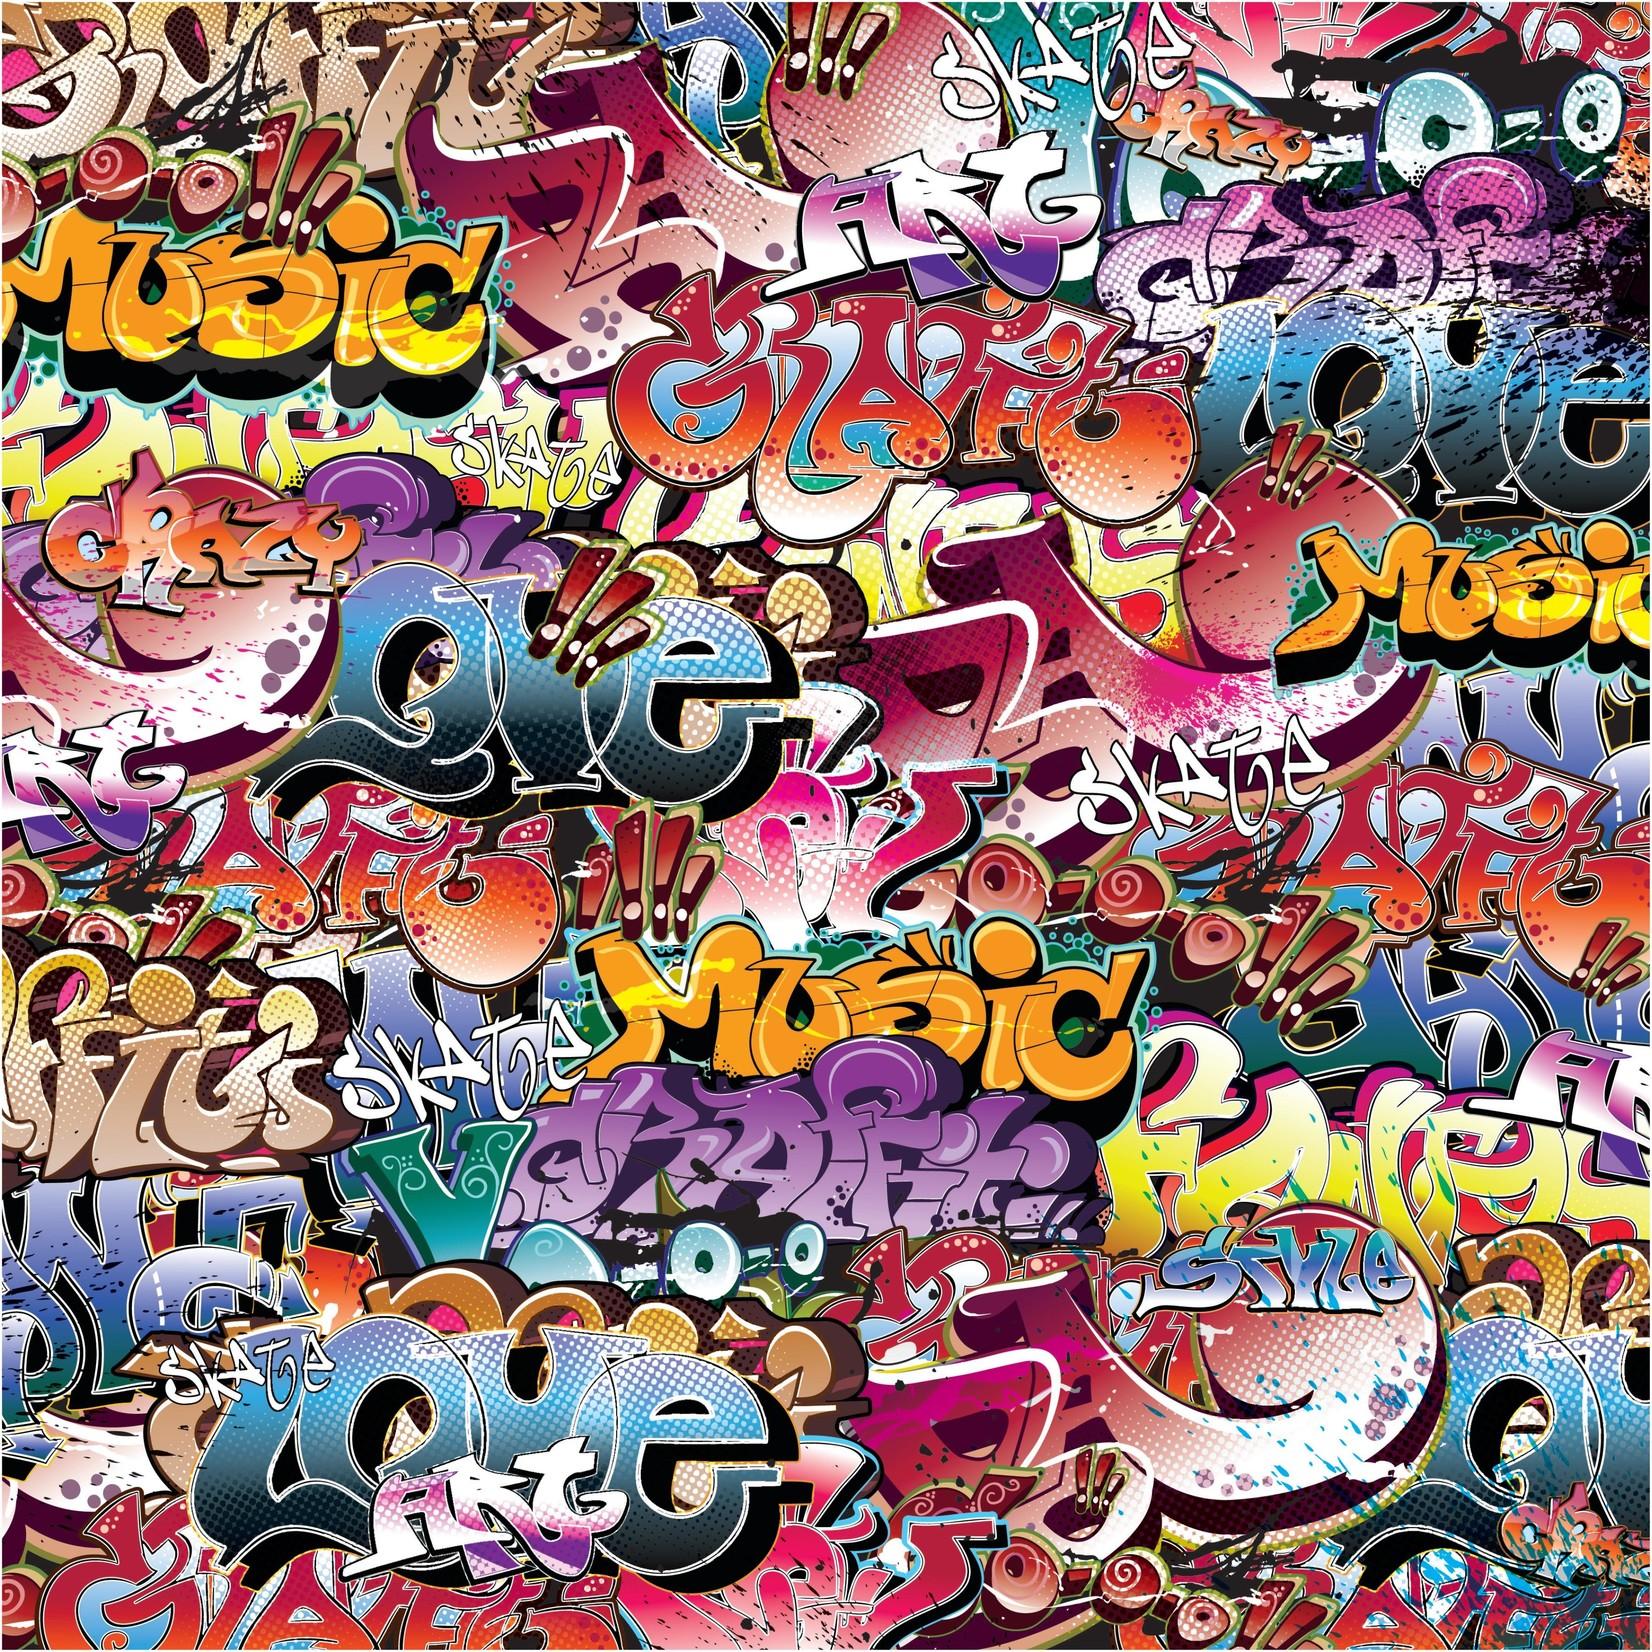 TVD Graffiti